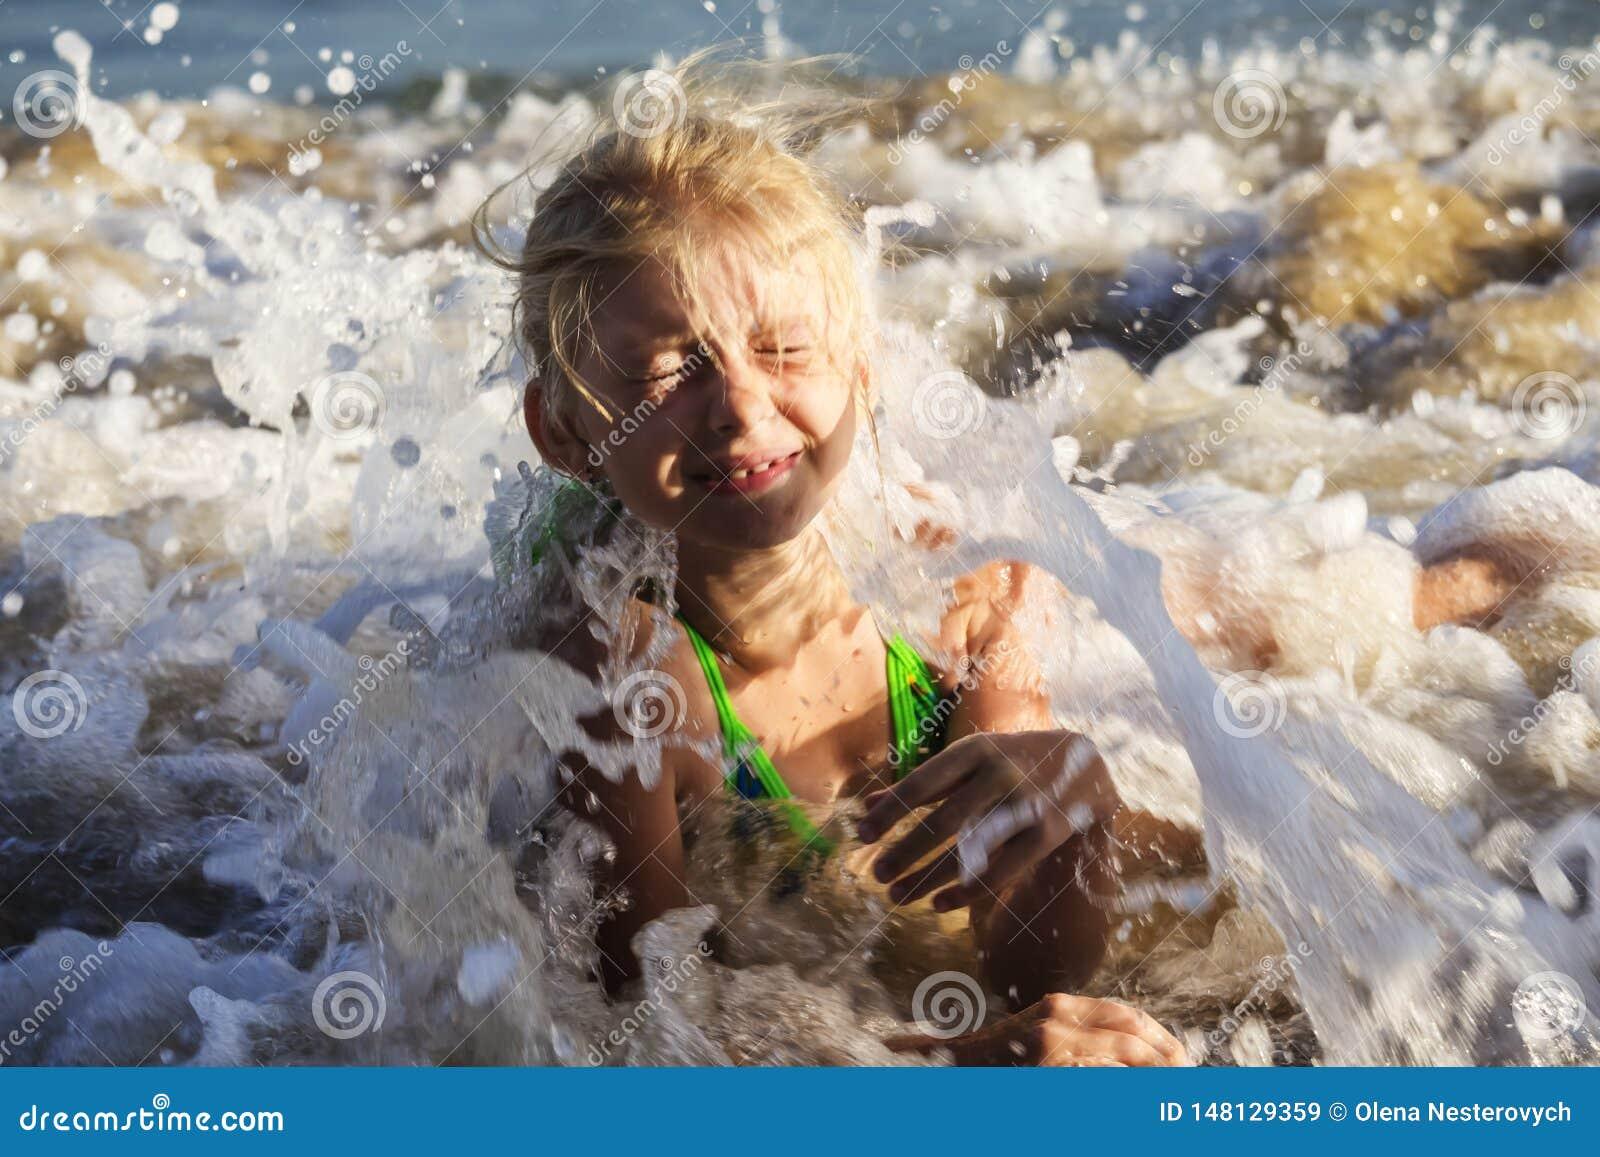 Ευτυχές και όμορφο ξανθό κορίτσι σε ένα πράσινο μαγιό που βρίσκεται στην παραλία μεταξύ των κυμάτων